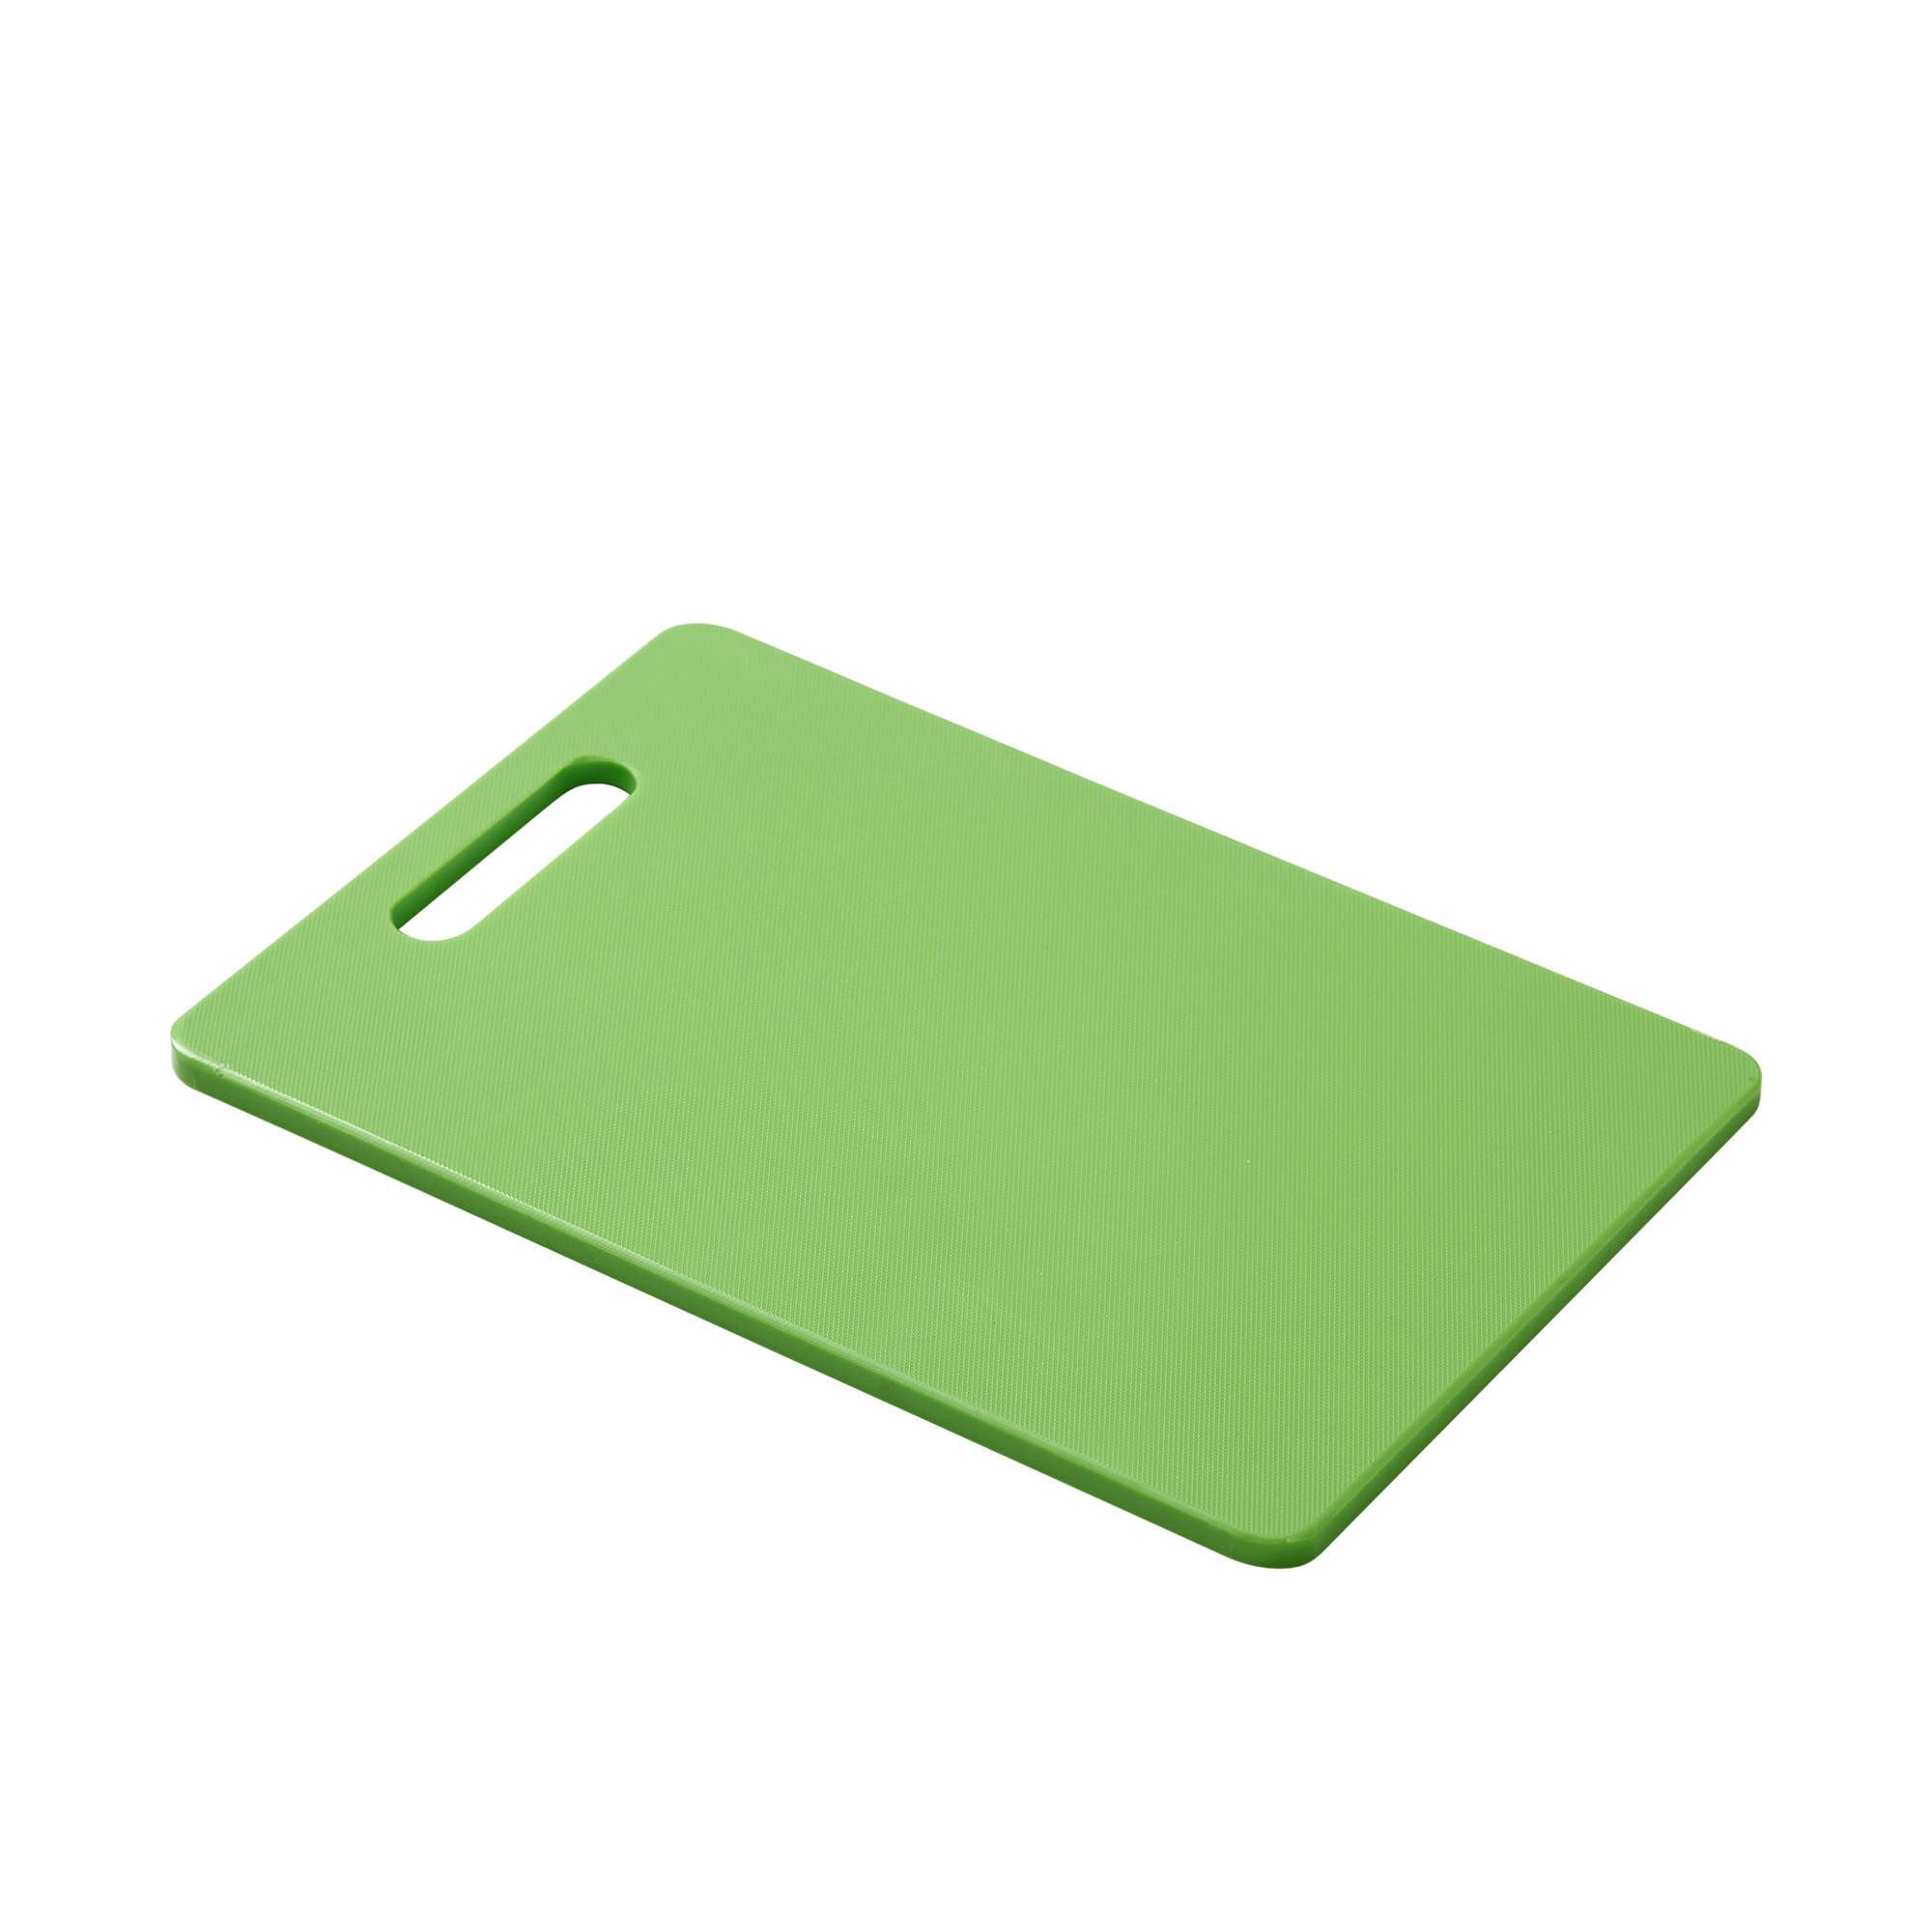 Kitchen Pro Classic Cutting Board 36x25x1.2cm Green